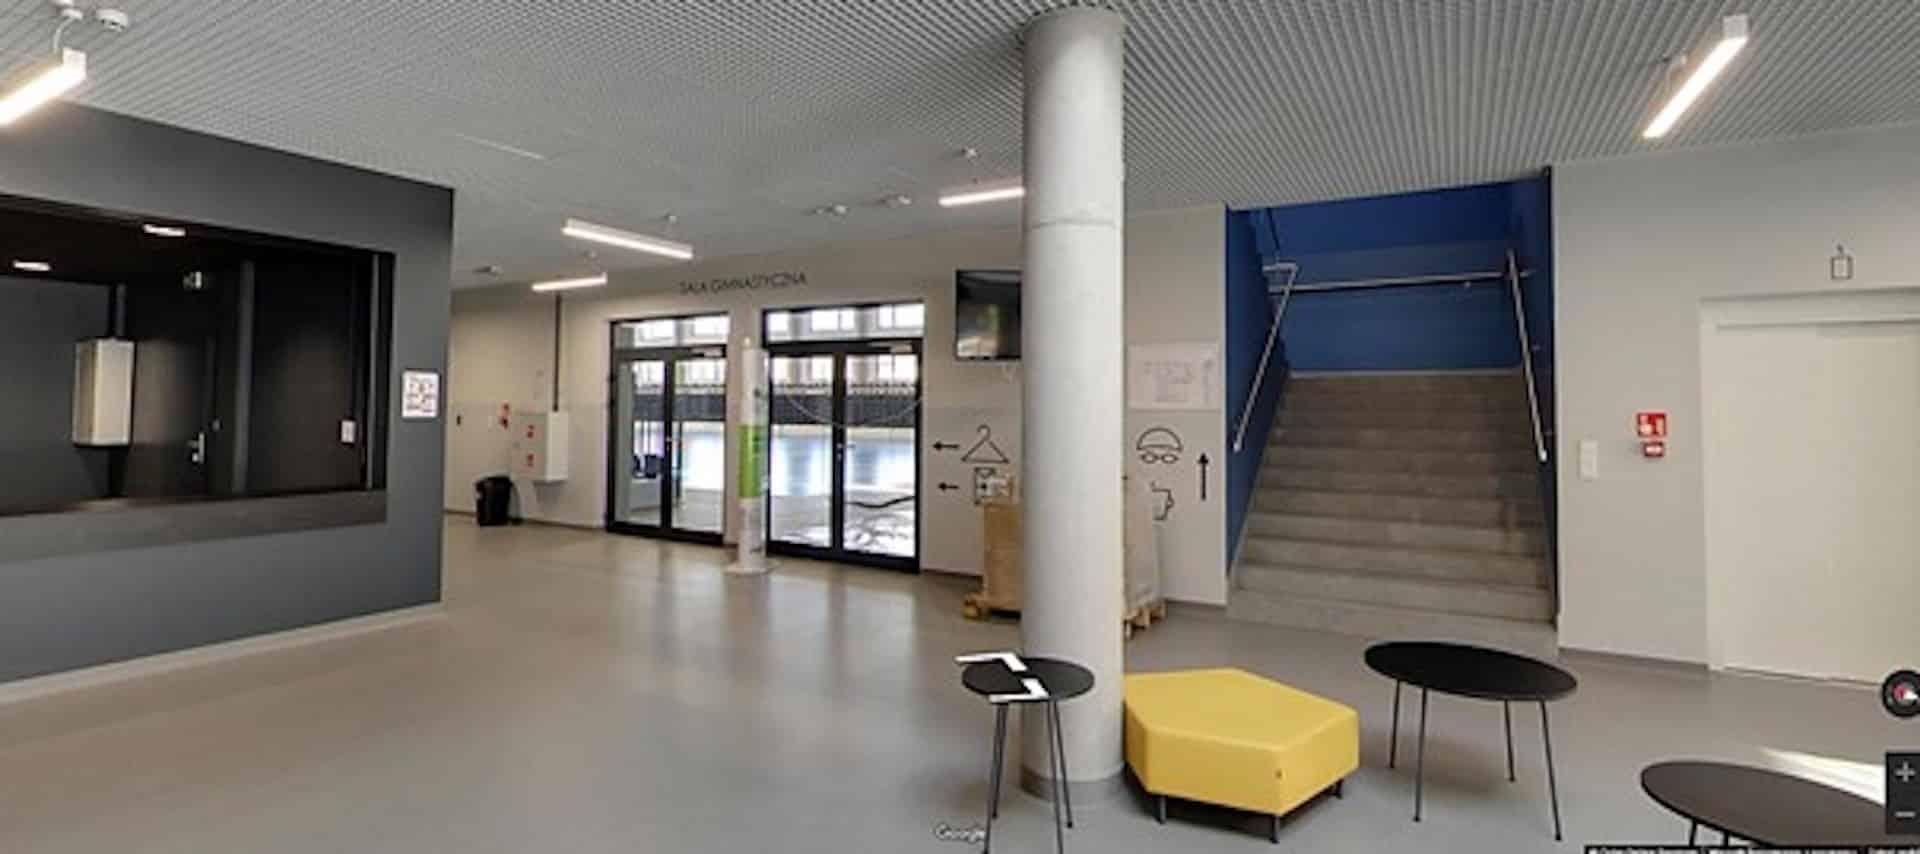 Widok z korytarza na wejście do hali sportowej i schody prowadzące na piętro, gdzie jest basen i sala widowiskowa